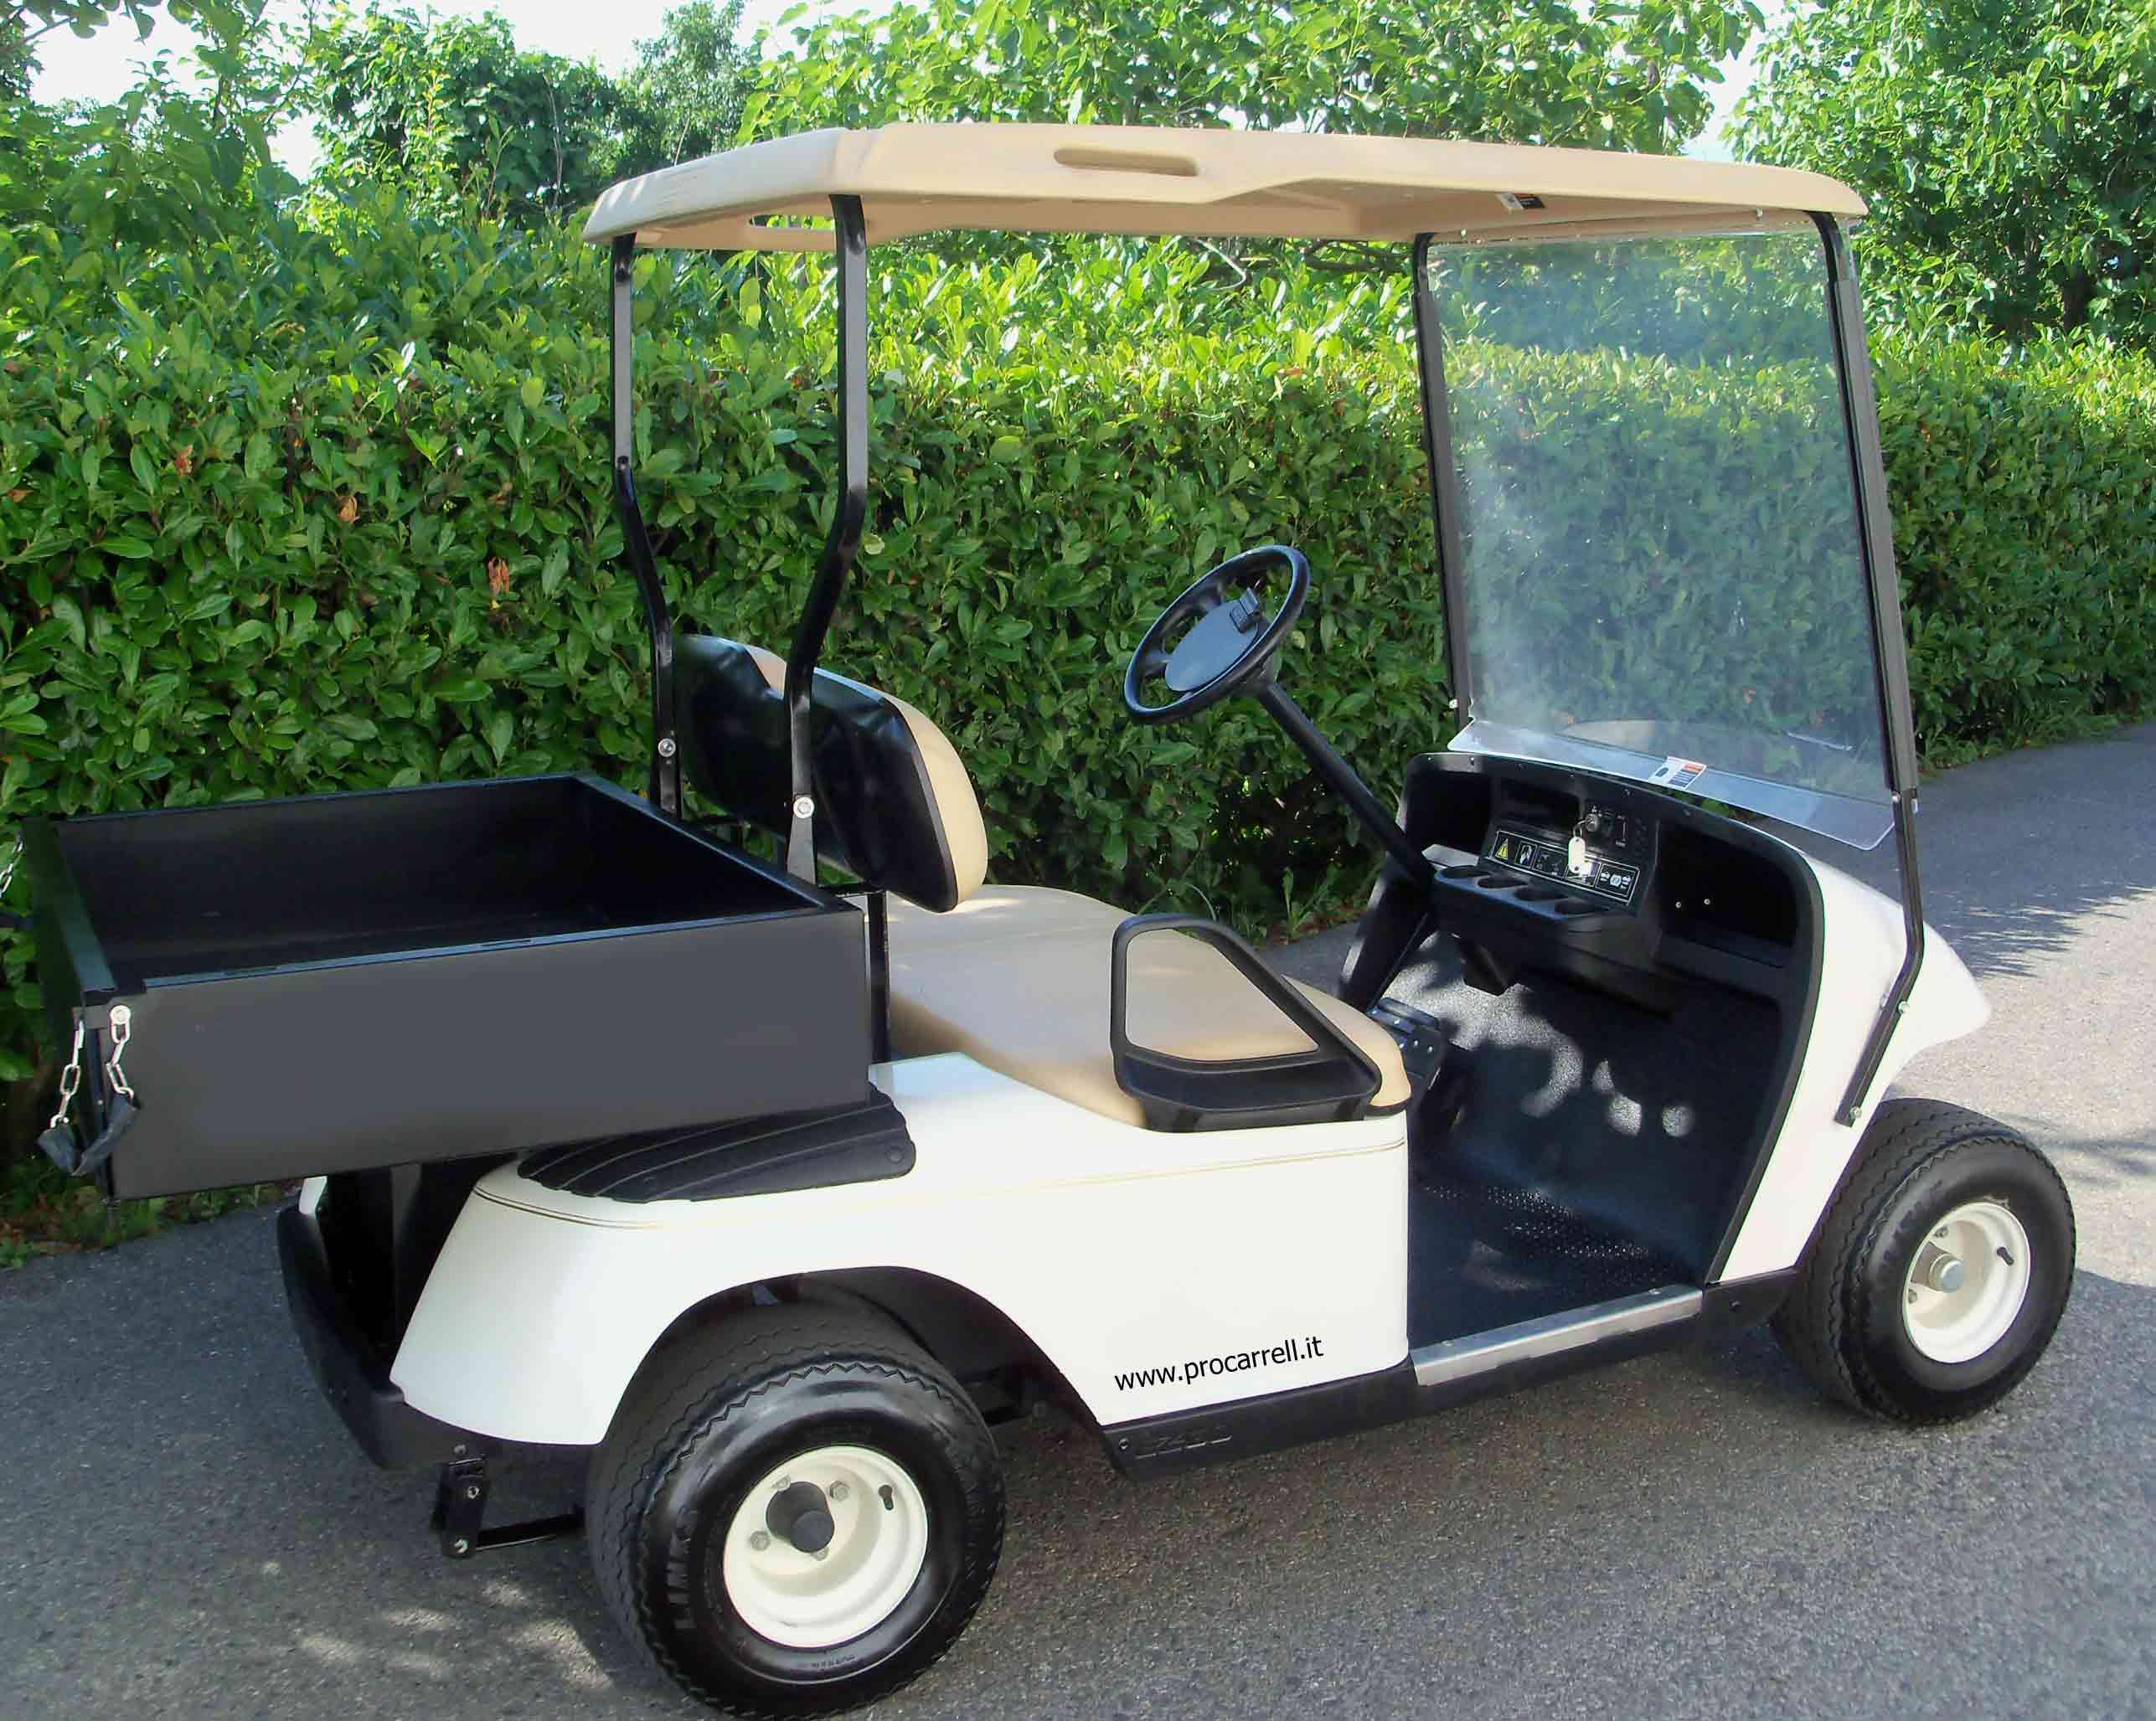 golf car e veicoli elettrici,portapersone,mezzi elettrici